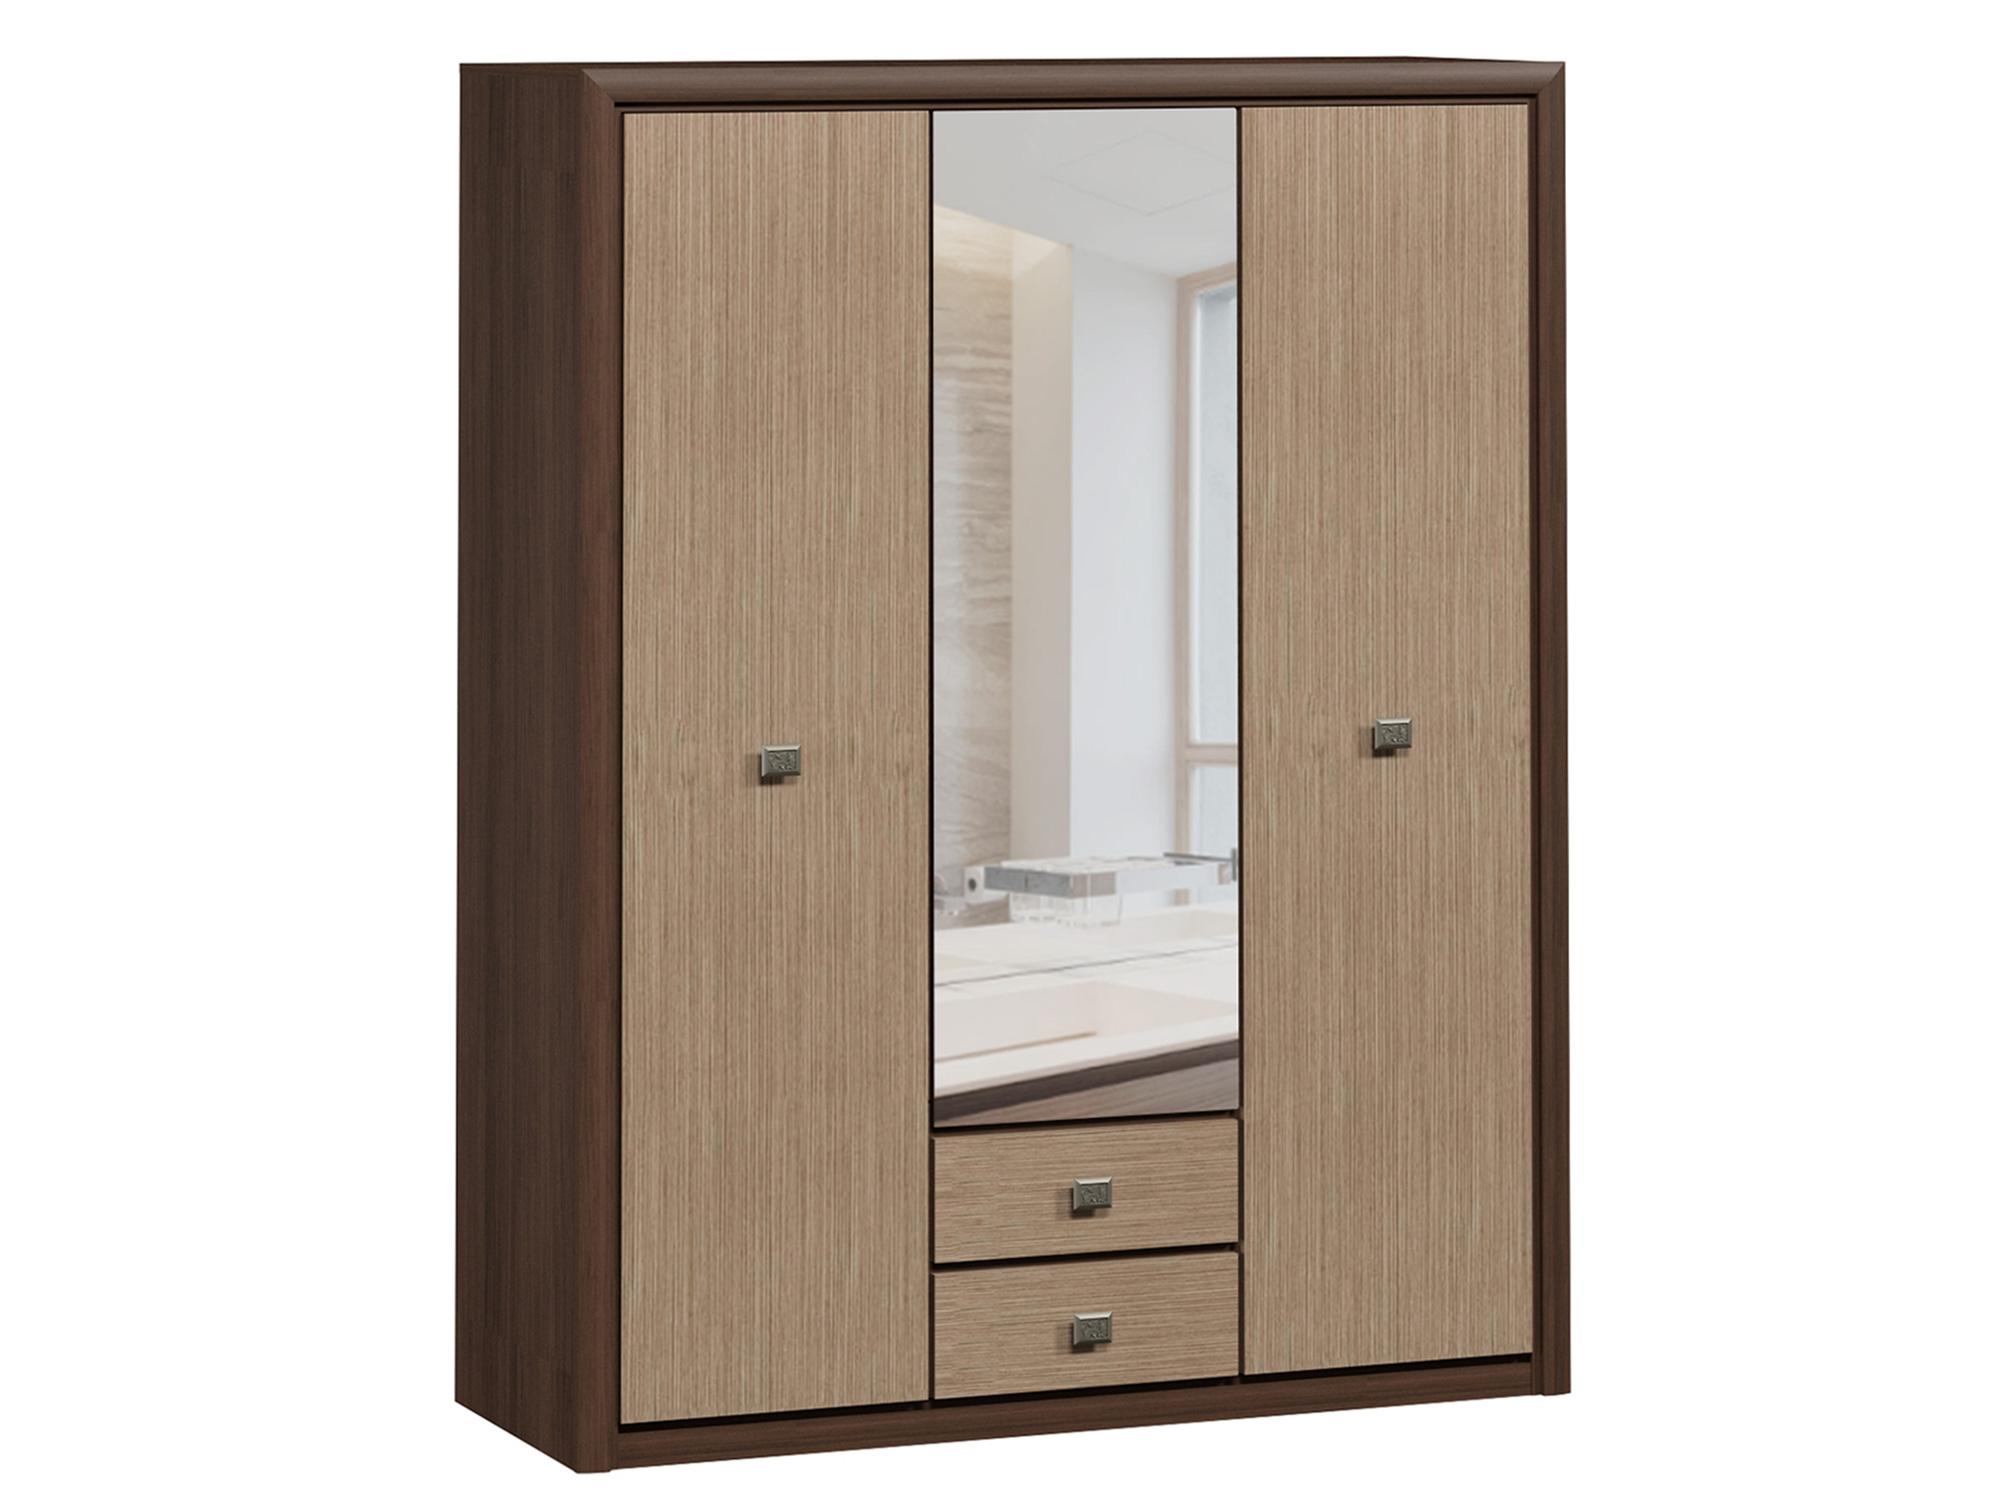 распашной шкаф шкаф 2 х дверный с ящиками коен штрокс темный Шкаф 3-х дверный с ящиками Коен Штрокс темный, Коричневый, МДФ